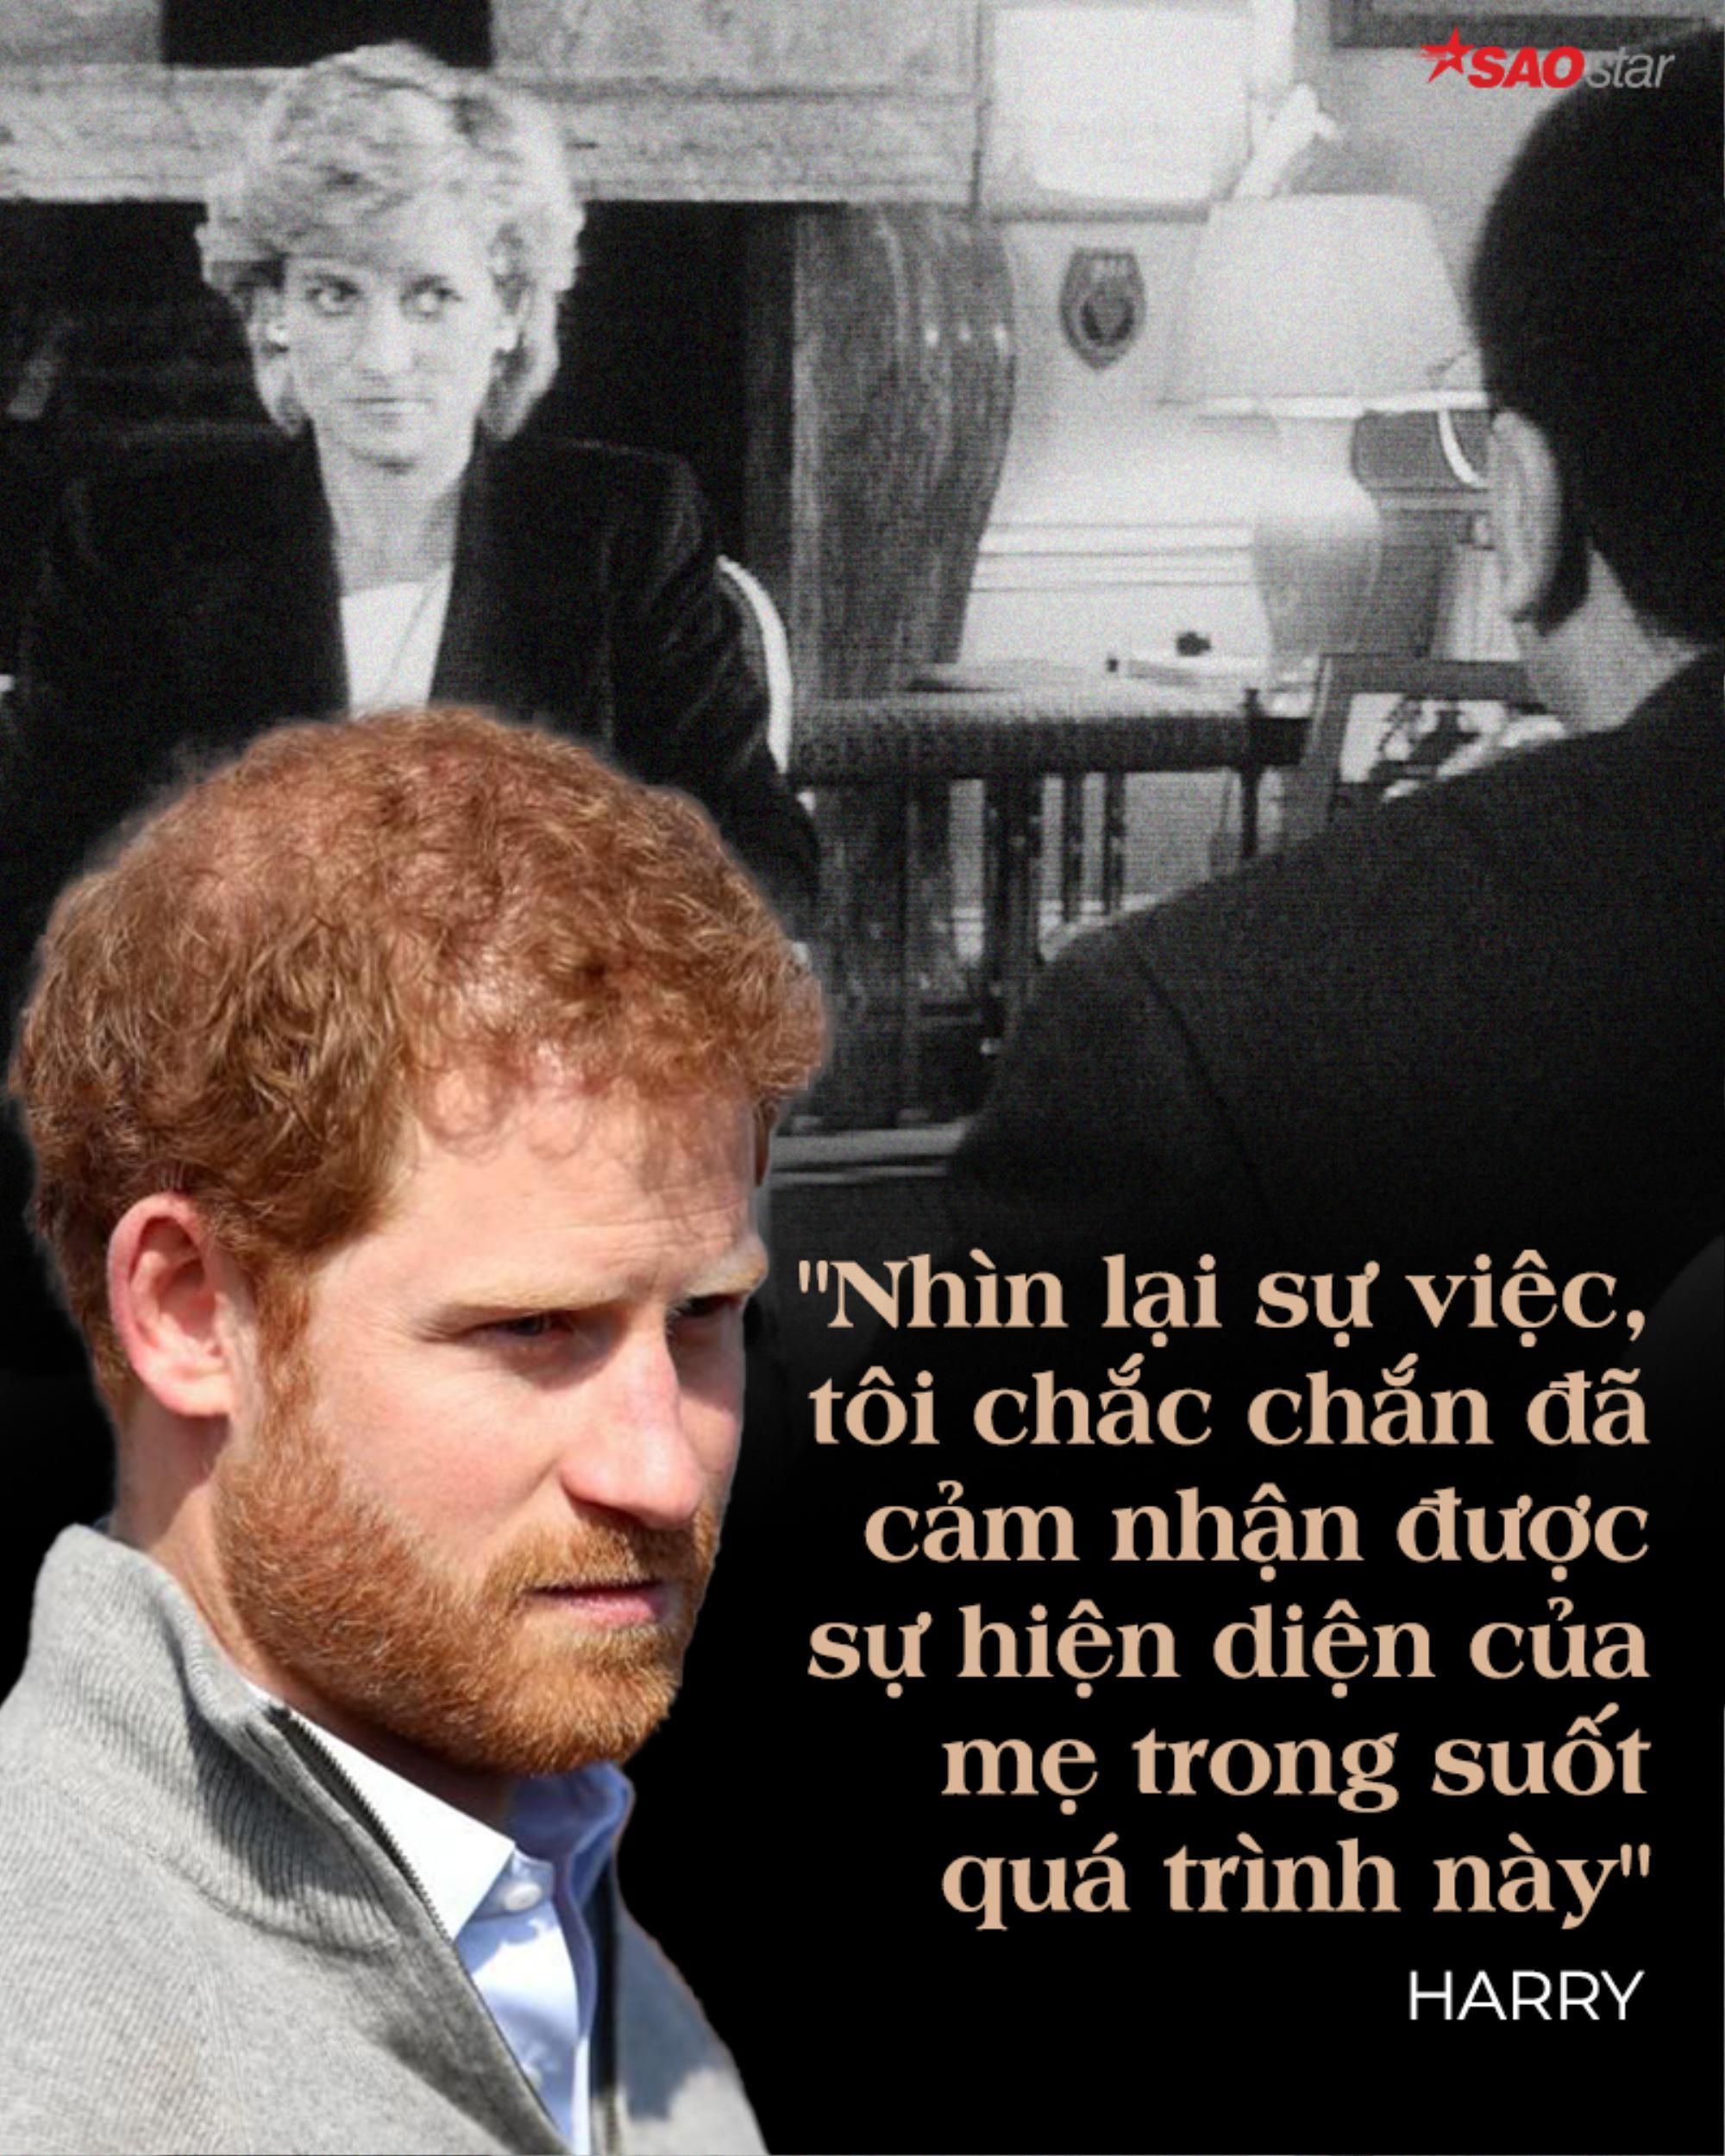 'Linh hồn của Diana đã dẫn lối cho Harry và Meghan rời bỏ Hoàng gia' Ảnh 6